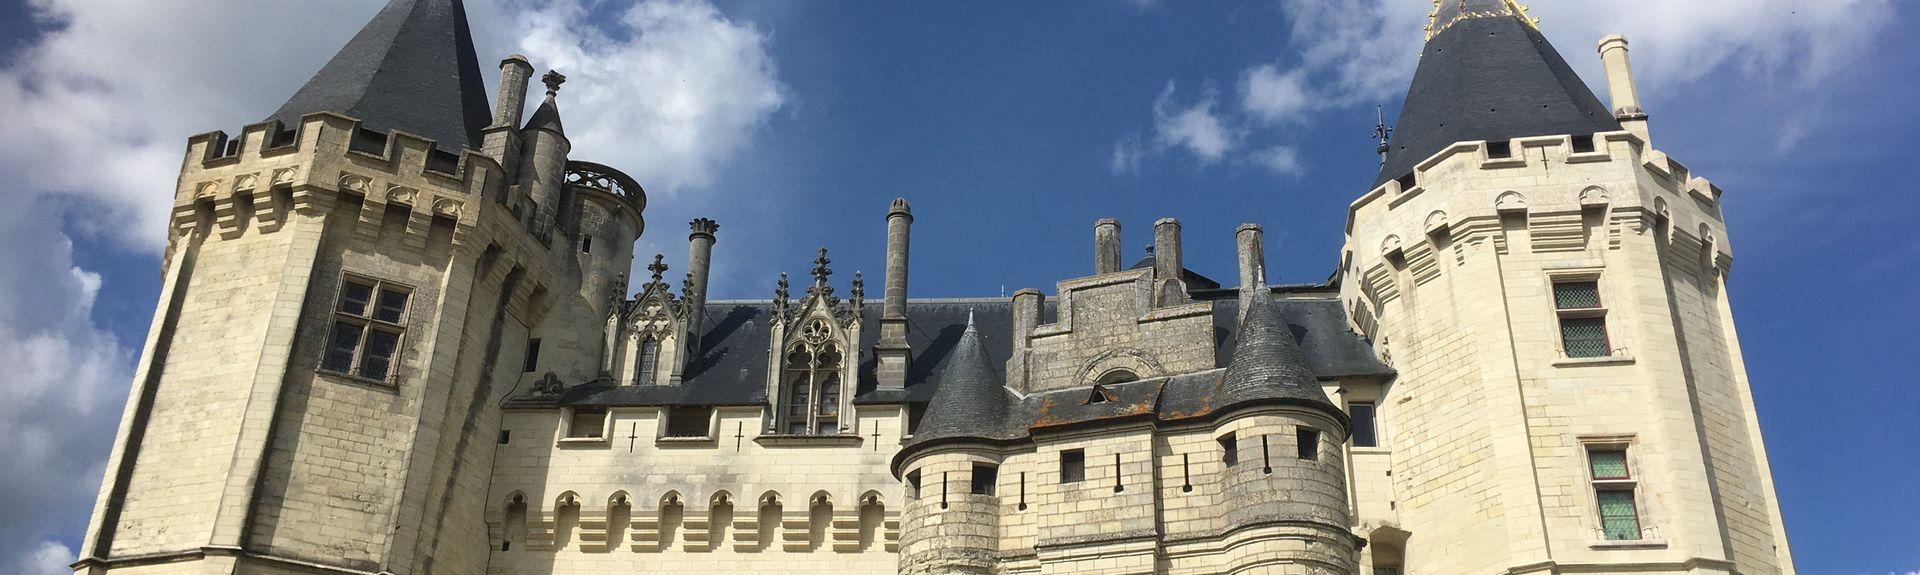 Savigny-en-Véron, Indre-et-Loire (département), France